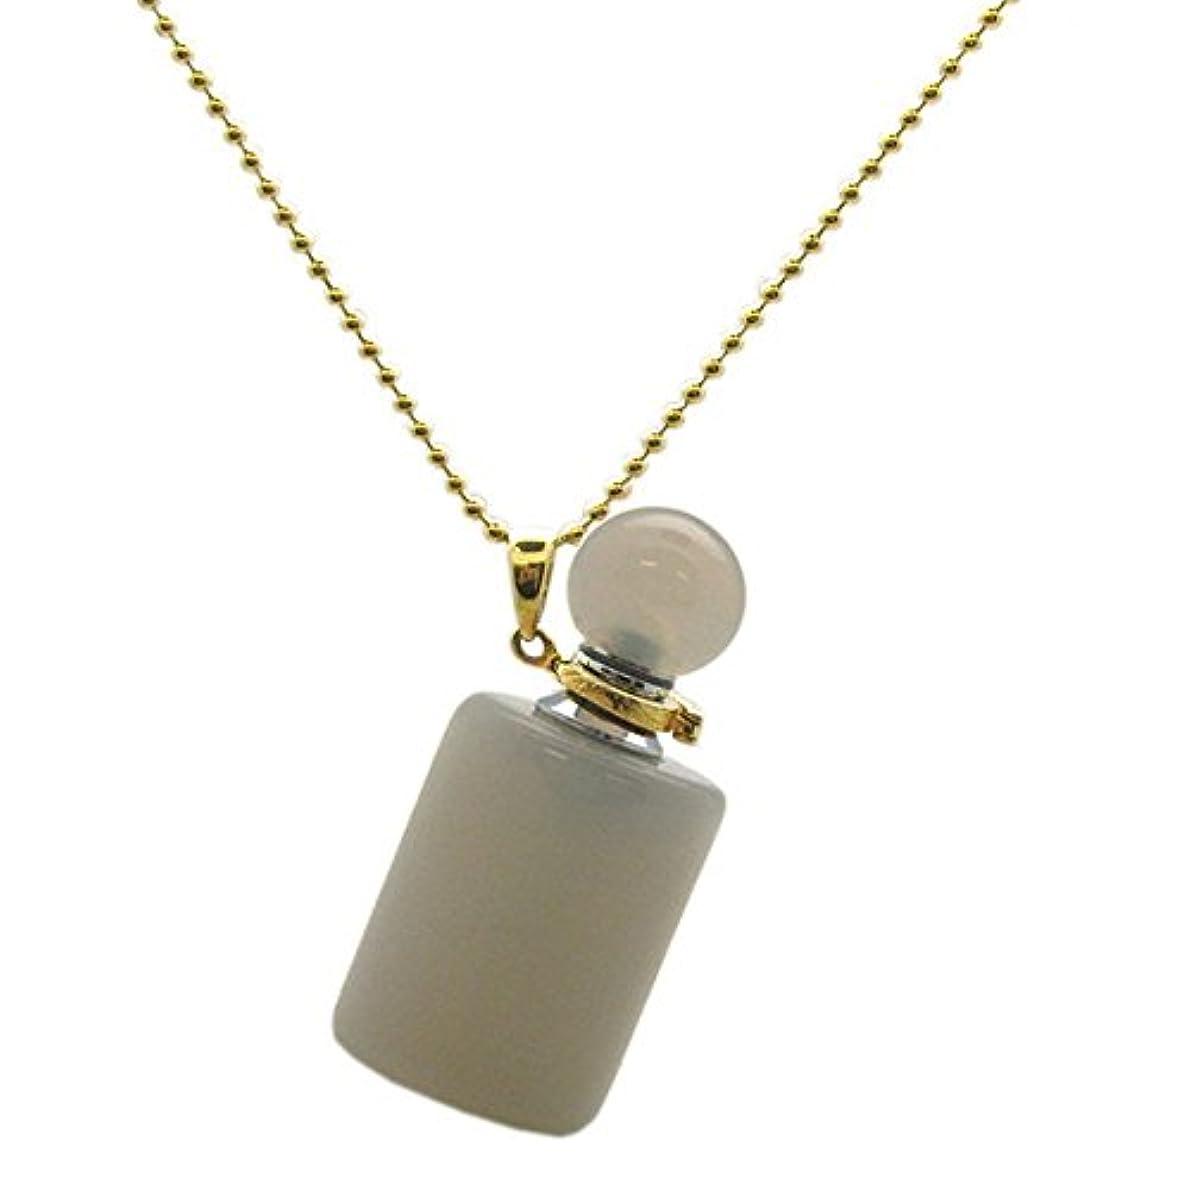 ランダム程度パックケイトAvenue Gold over Sterling Silver Gemstone Aromatherapy Essential Oil Diffuserネックレス、香水とMosquito Repellentネックレス(18、grey-agate)